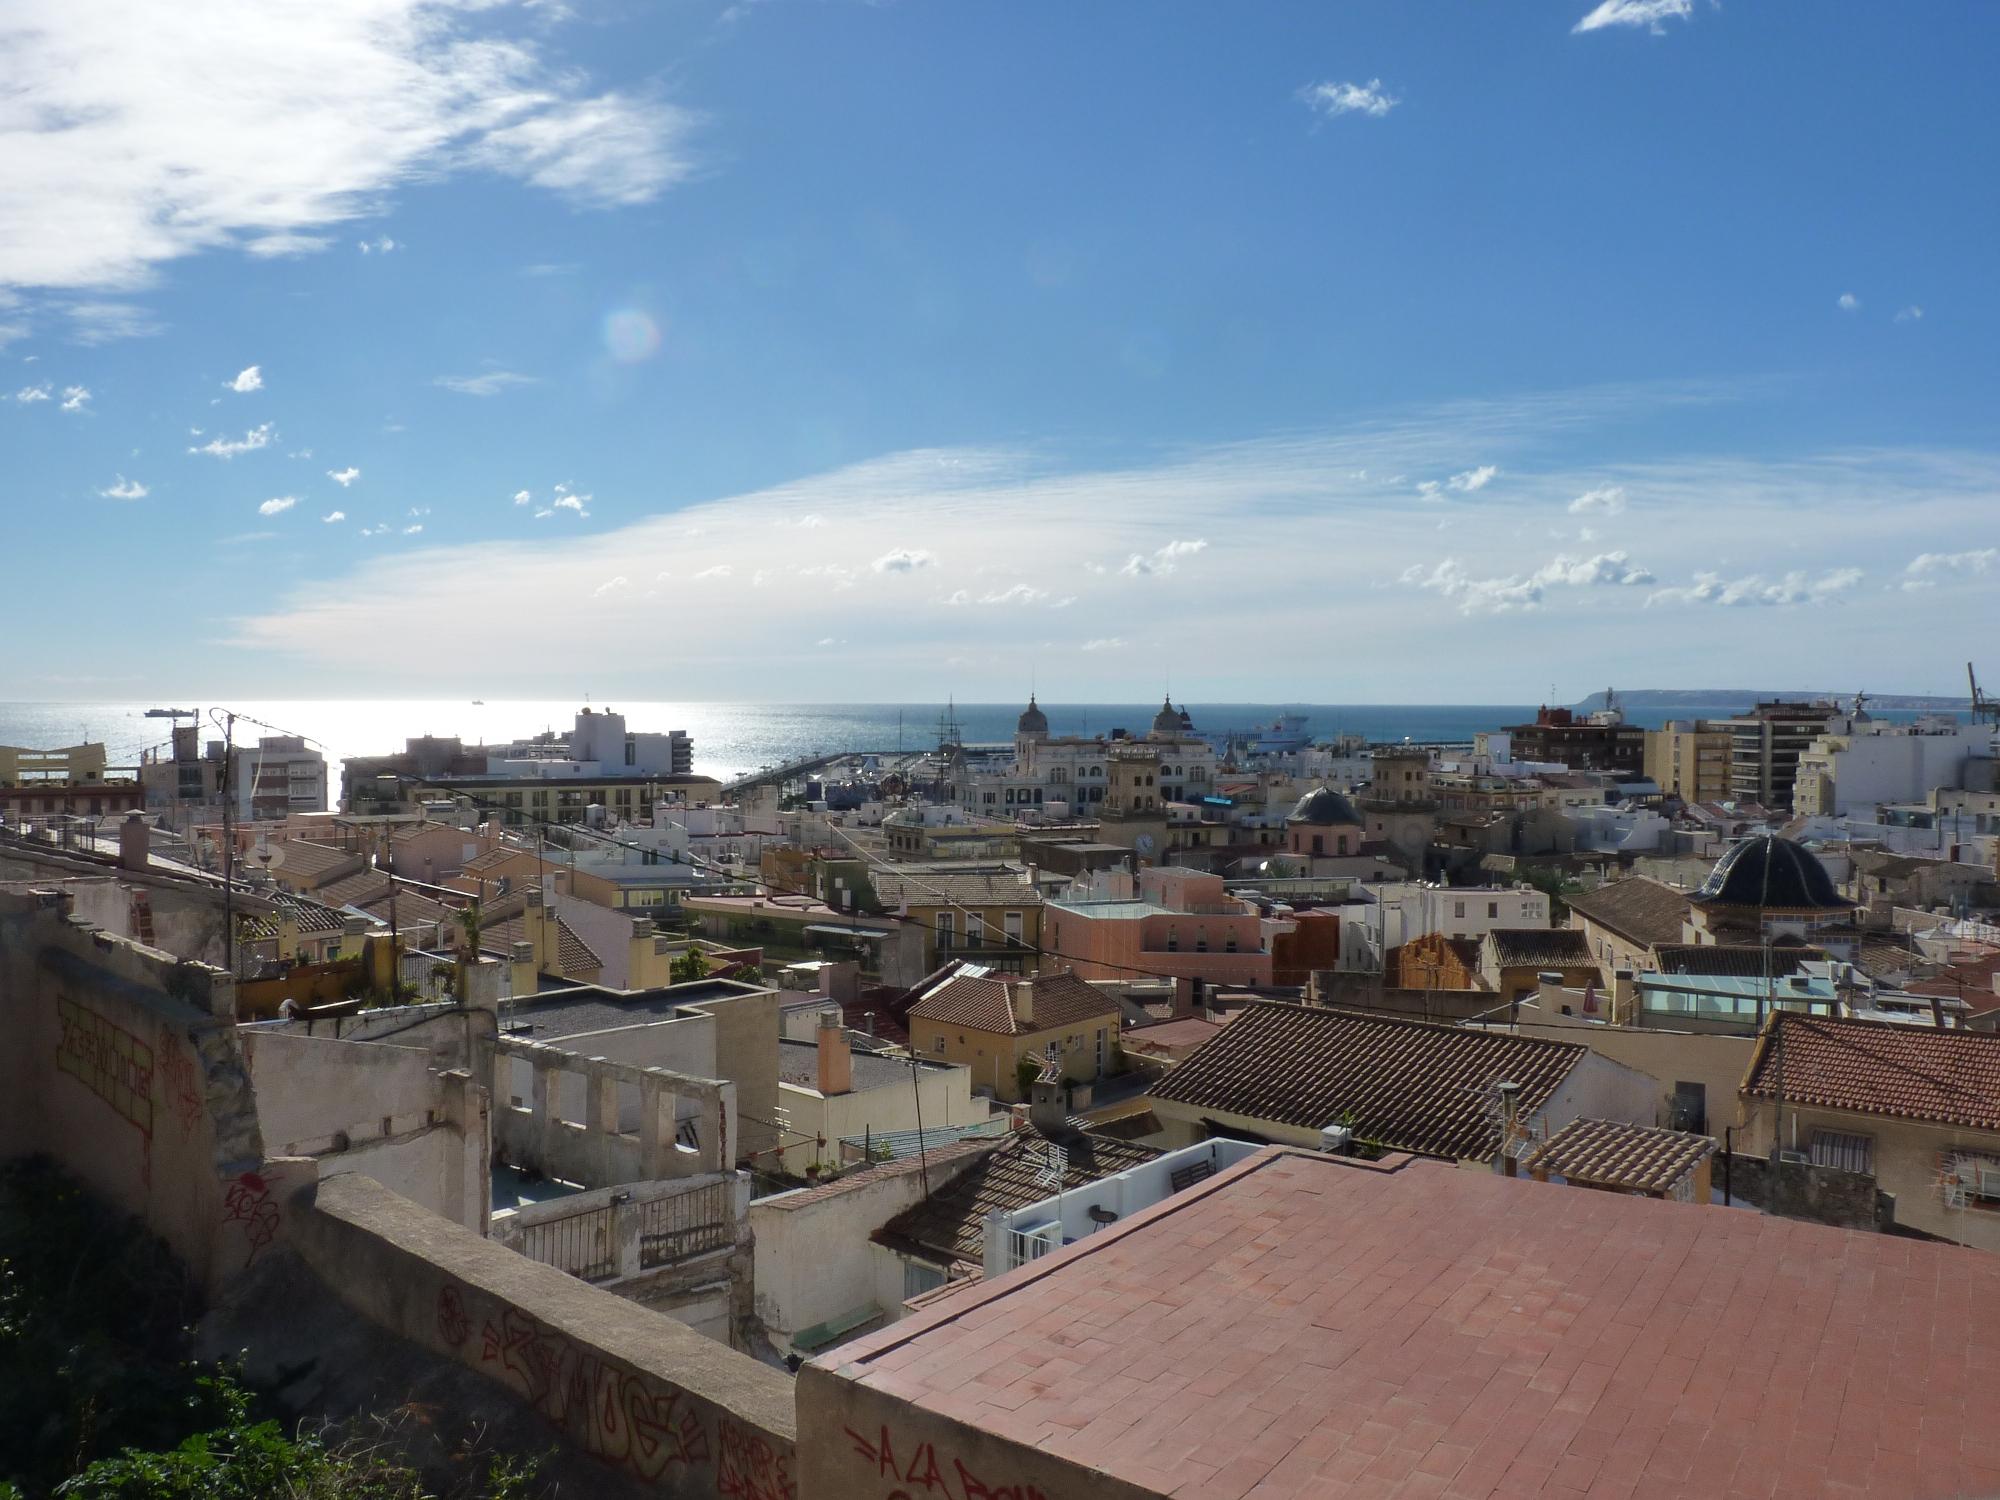 Sprogrejser til Alicante i det pragtfulde sydlige Spanien